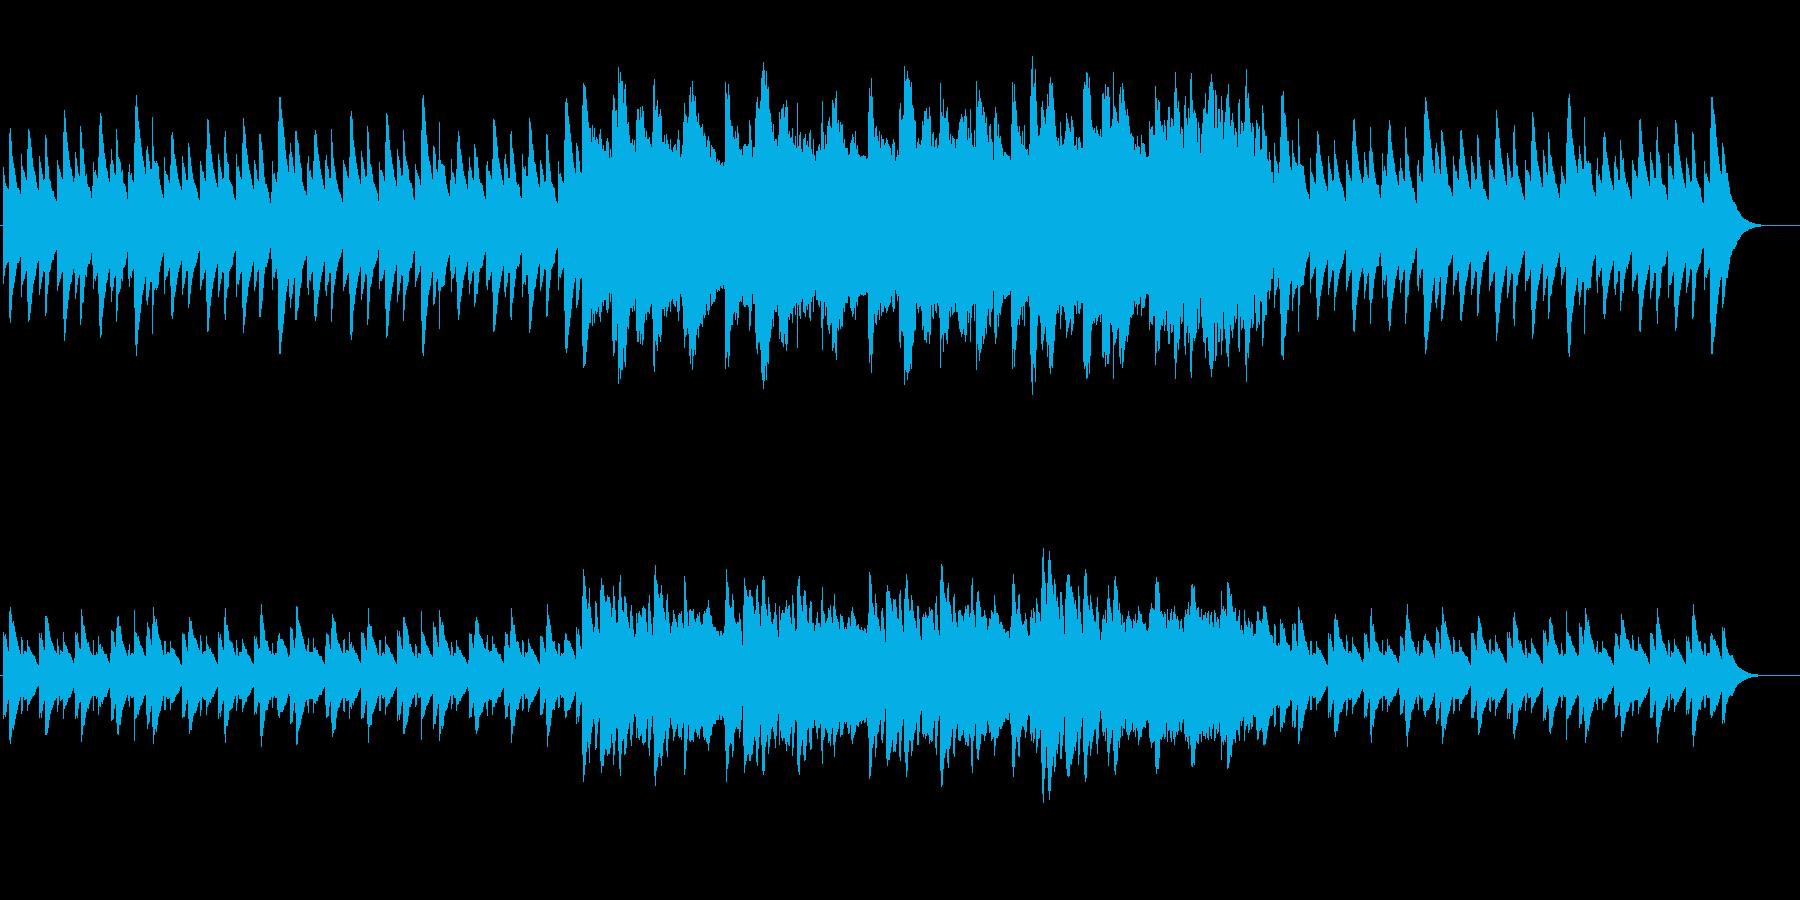 3幻想的な夜の風景 プラネタリウムに最適の再生済みの波形